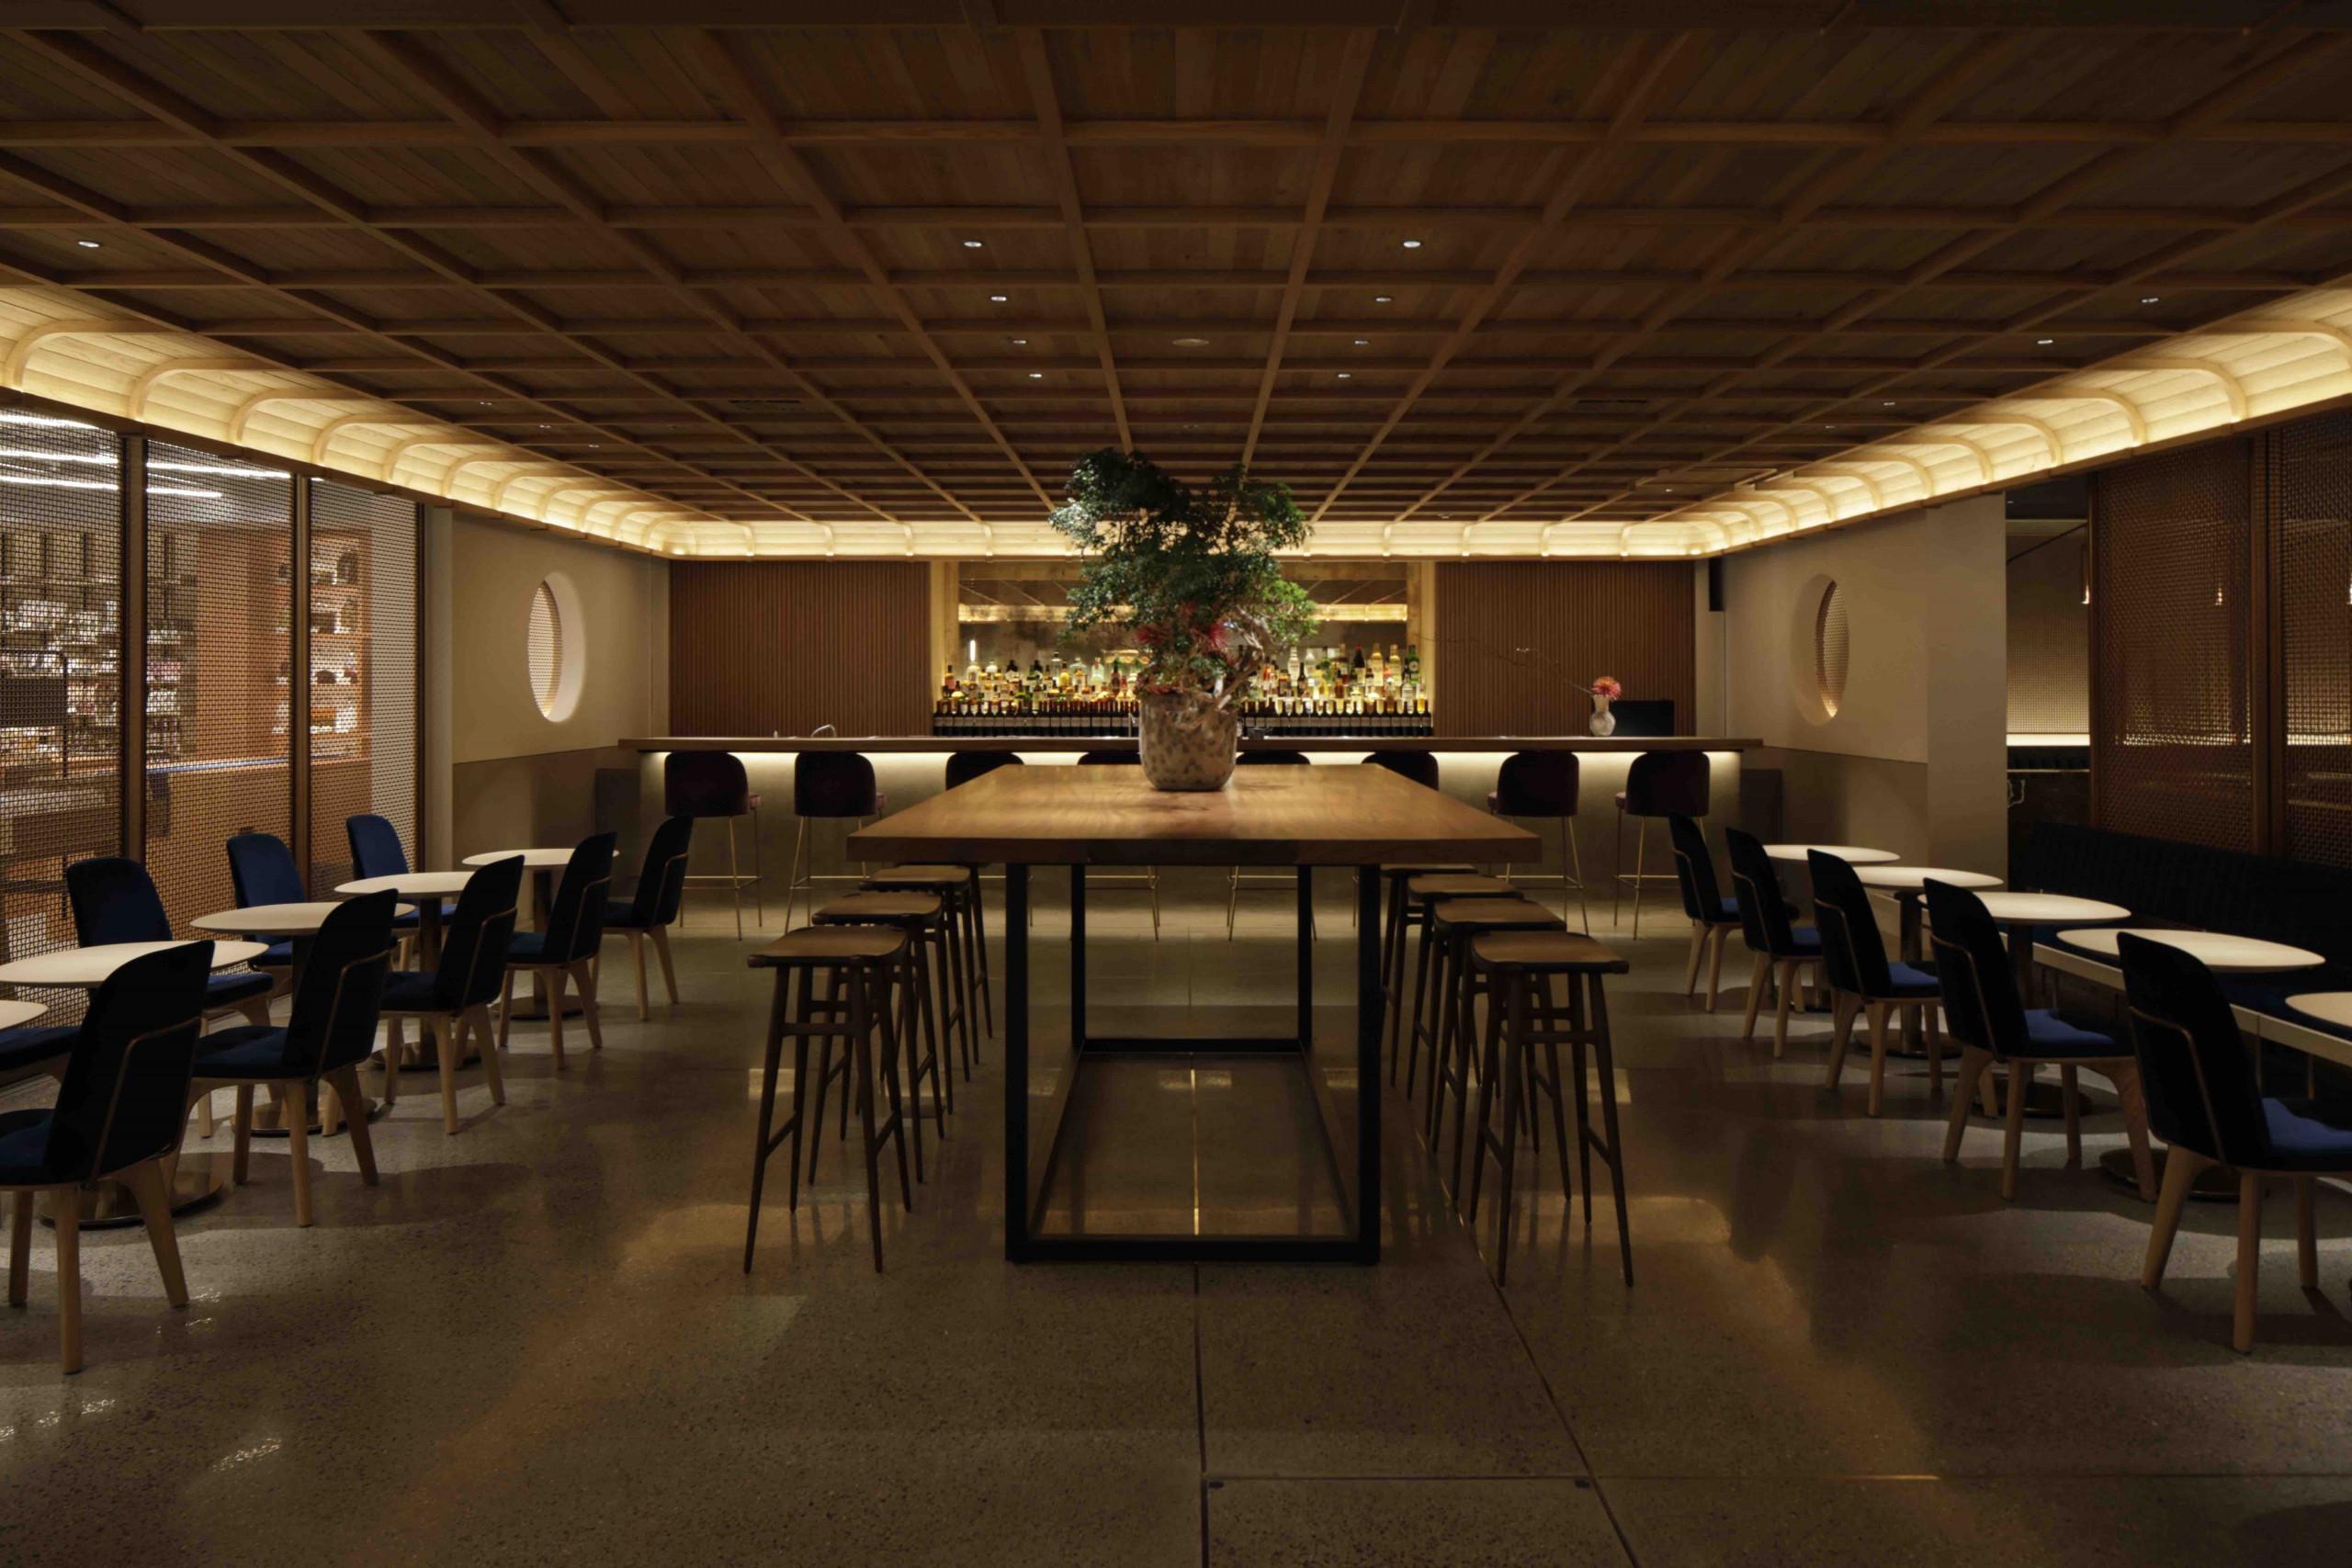 1Fの[ERUTAN RESTAURANT/BAR(エルタンレストラン/バー)]はイタリア・ミラノで日本人オーナーシェフとして初の一つ星を獲得した徳吉洋二シェフの監修のランチやディナーが楽しめます